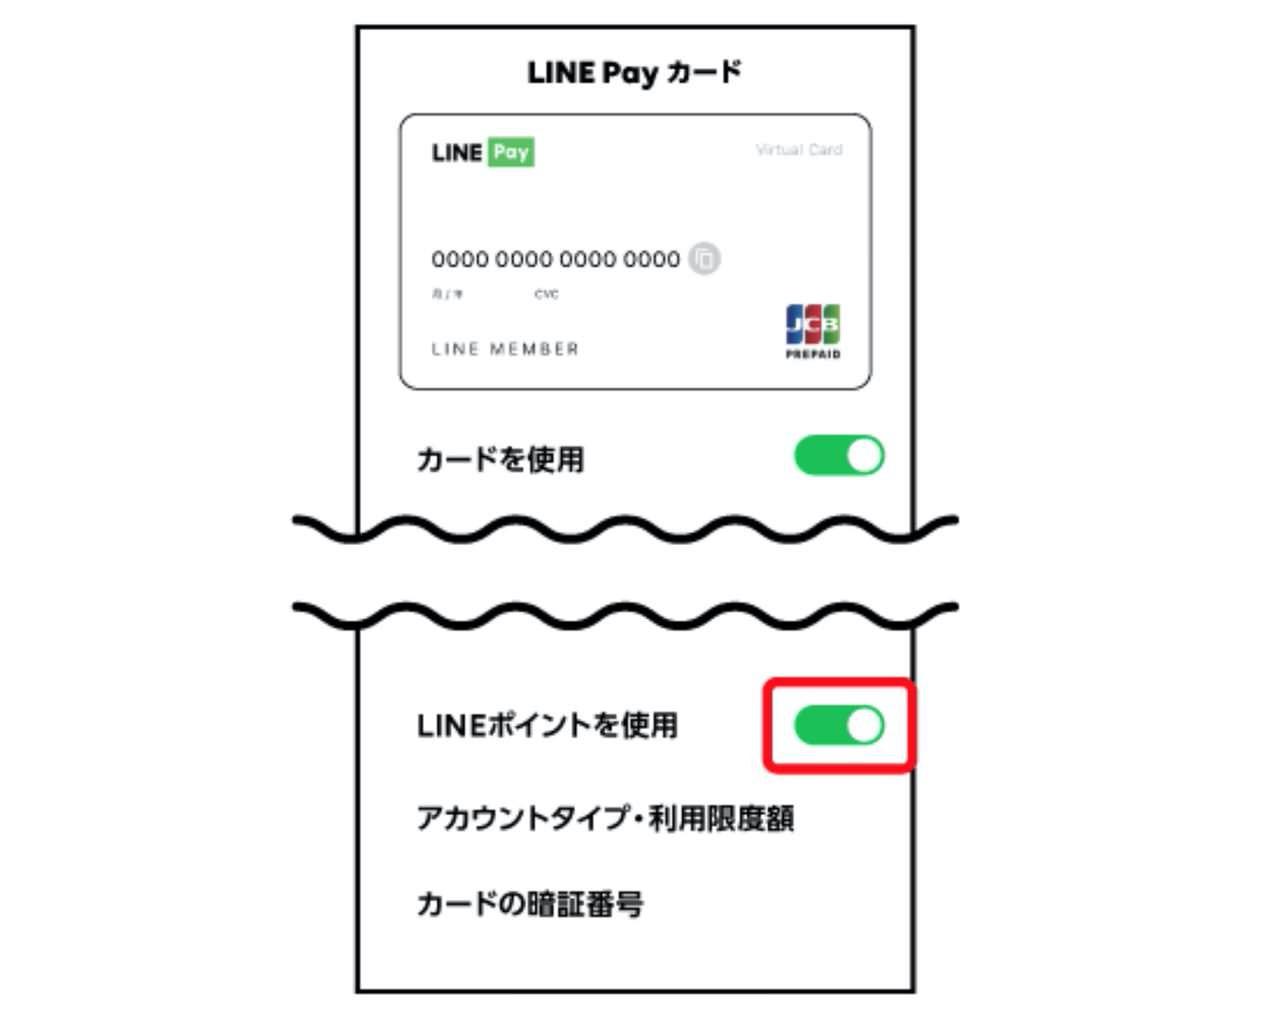 「LINE Payカード」「QUICPay+」の支払いにLINEポイントが利用可能に(事前に要設定)